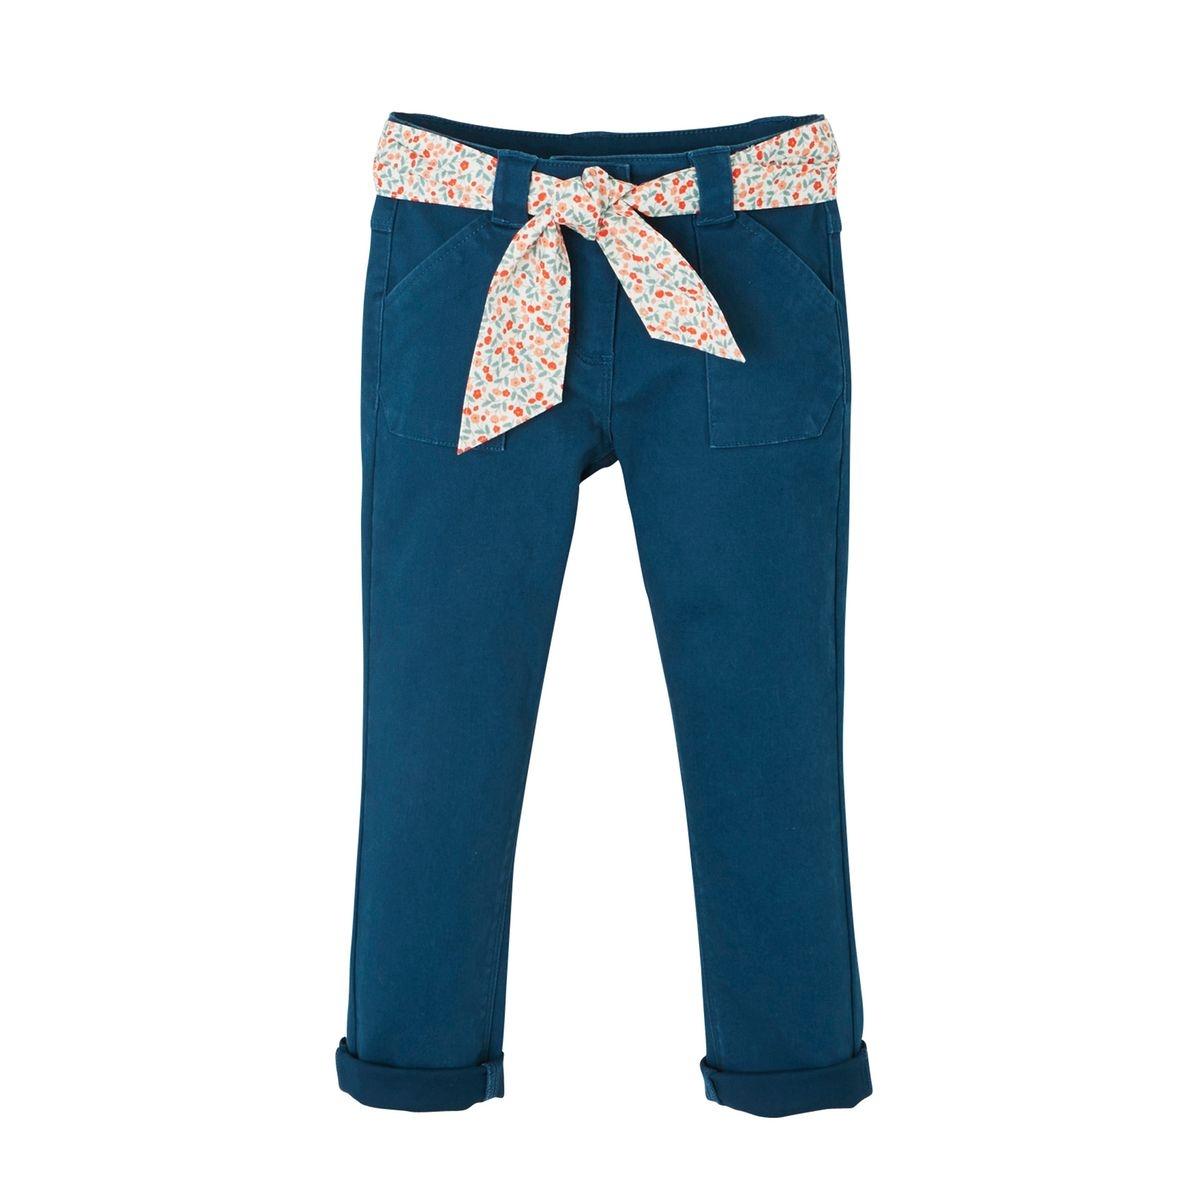 Pantalon fille ceinture foulard imprimé